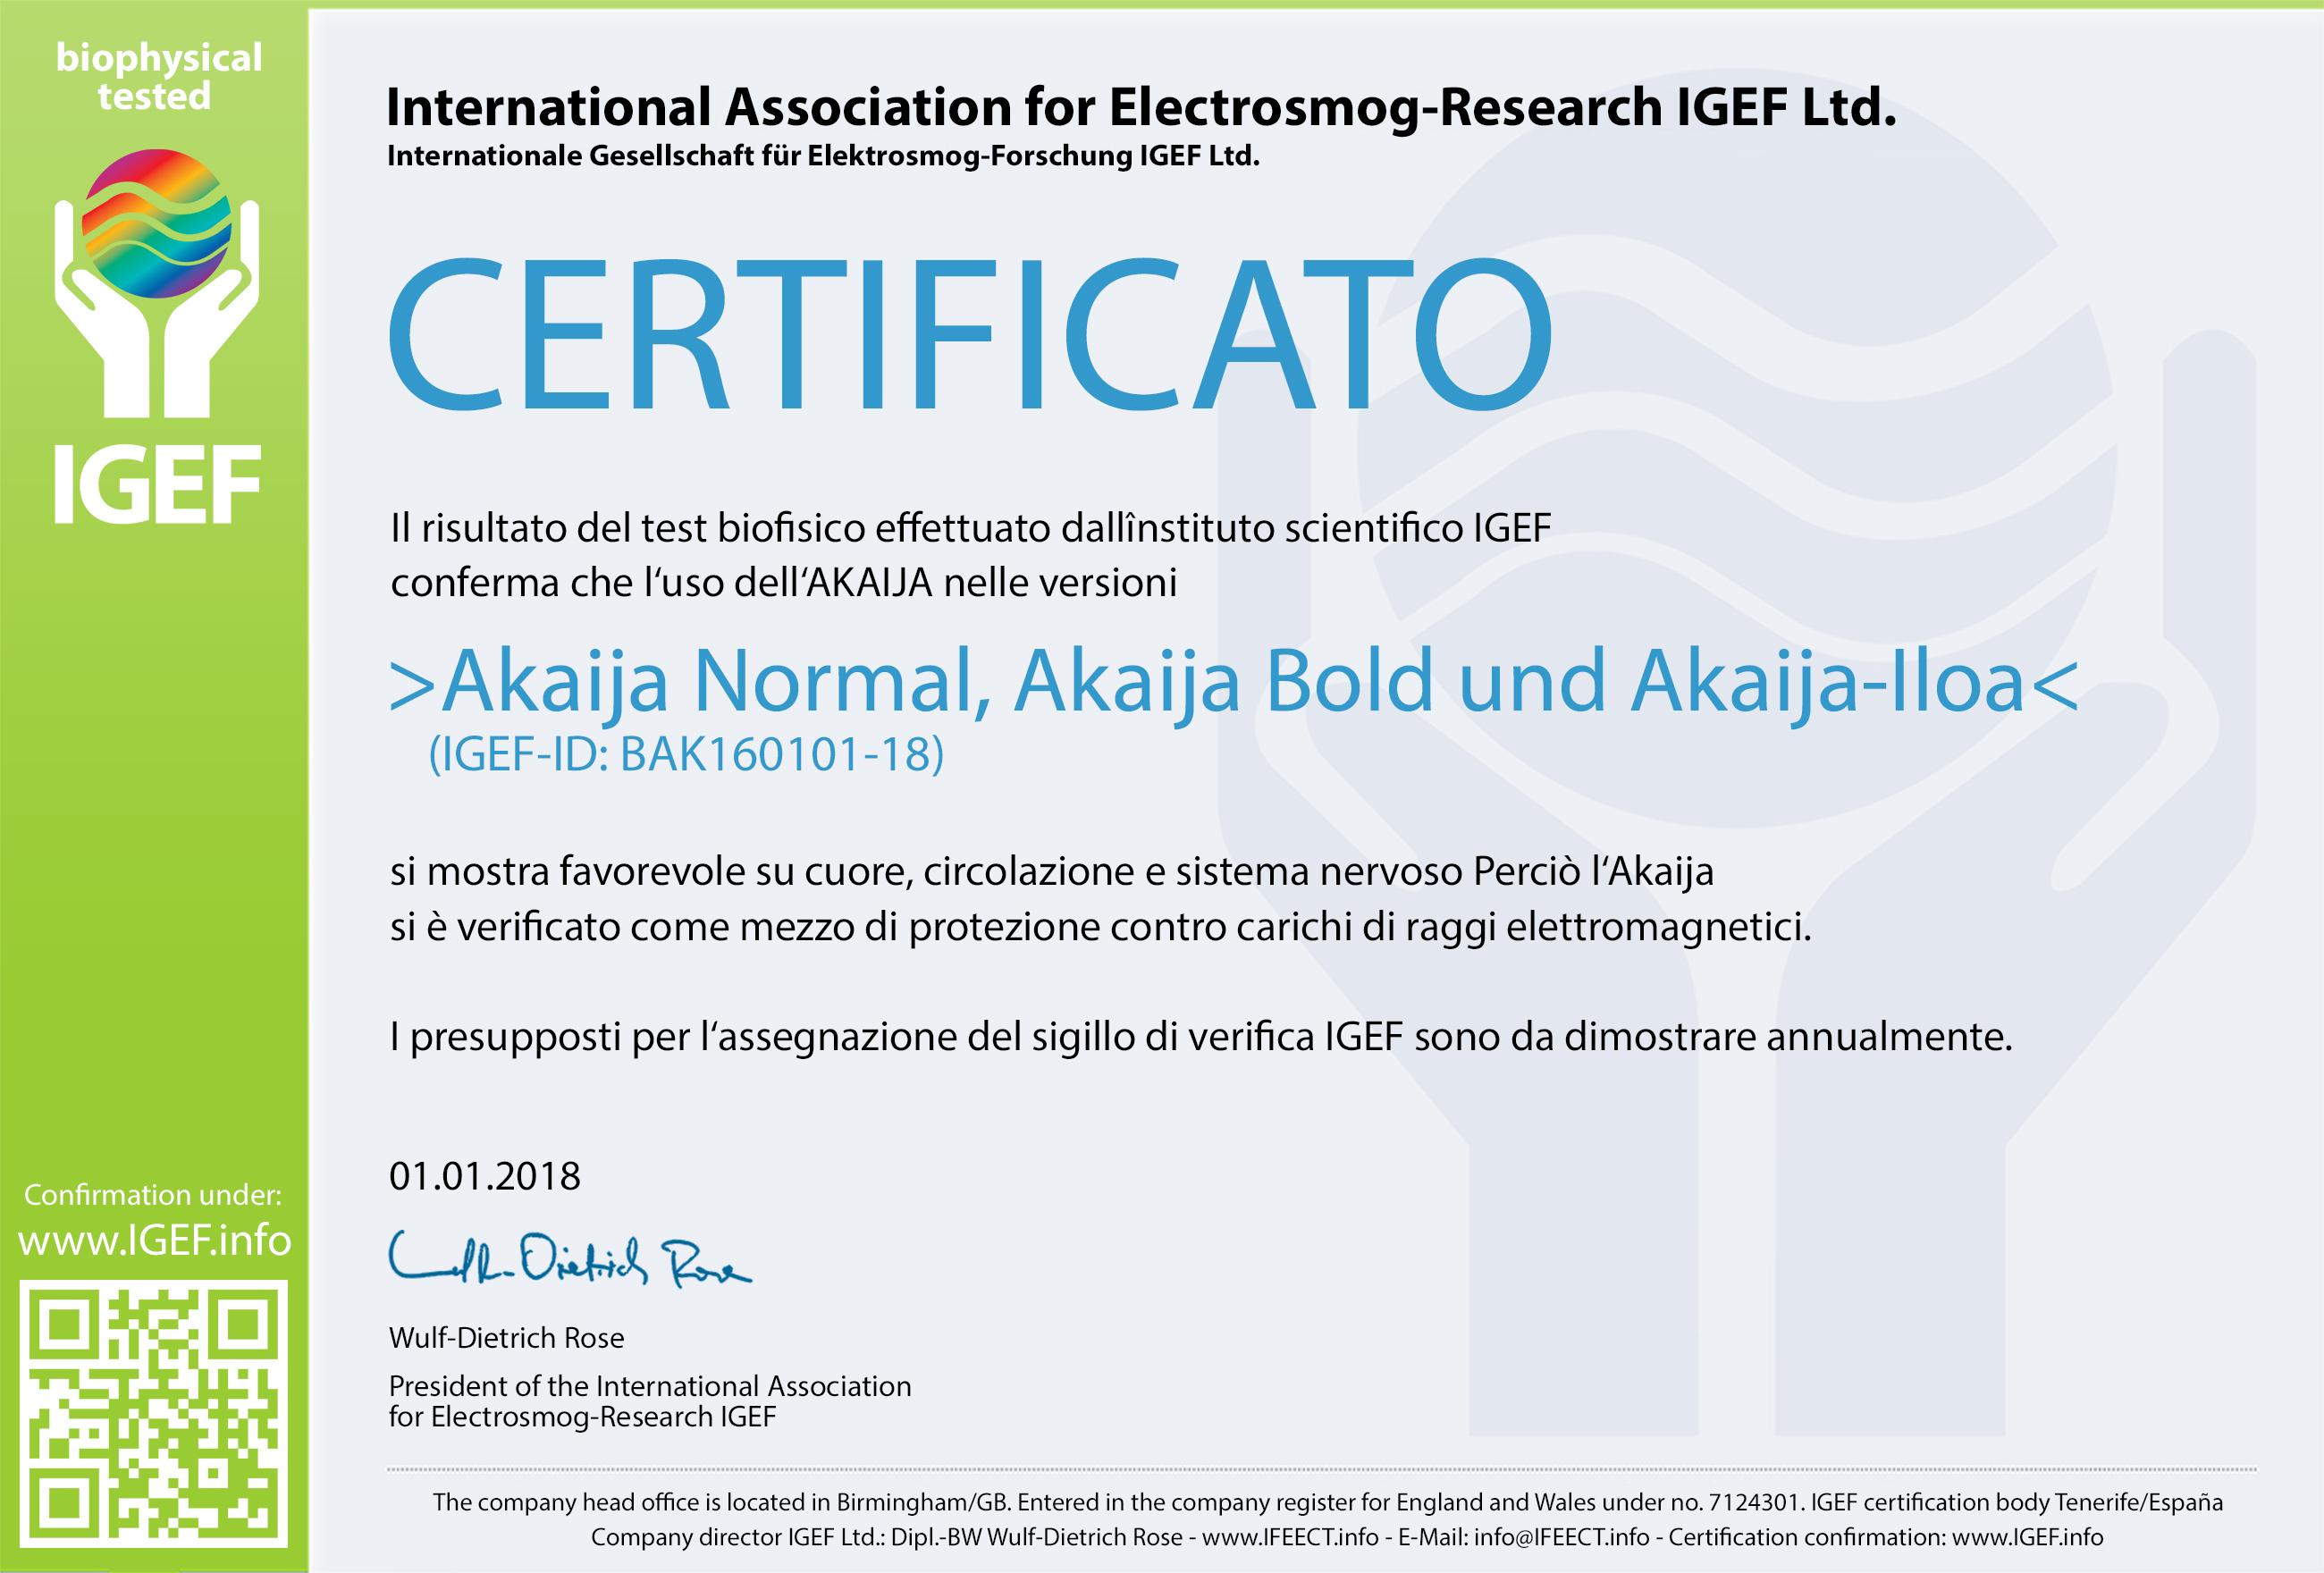 IGEF-Zertifikat-BAK-IT-18